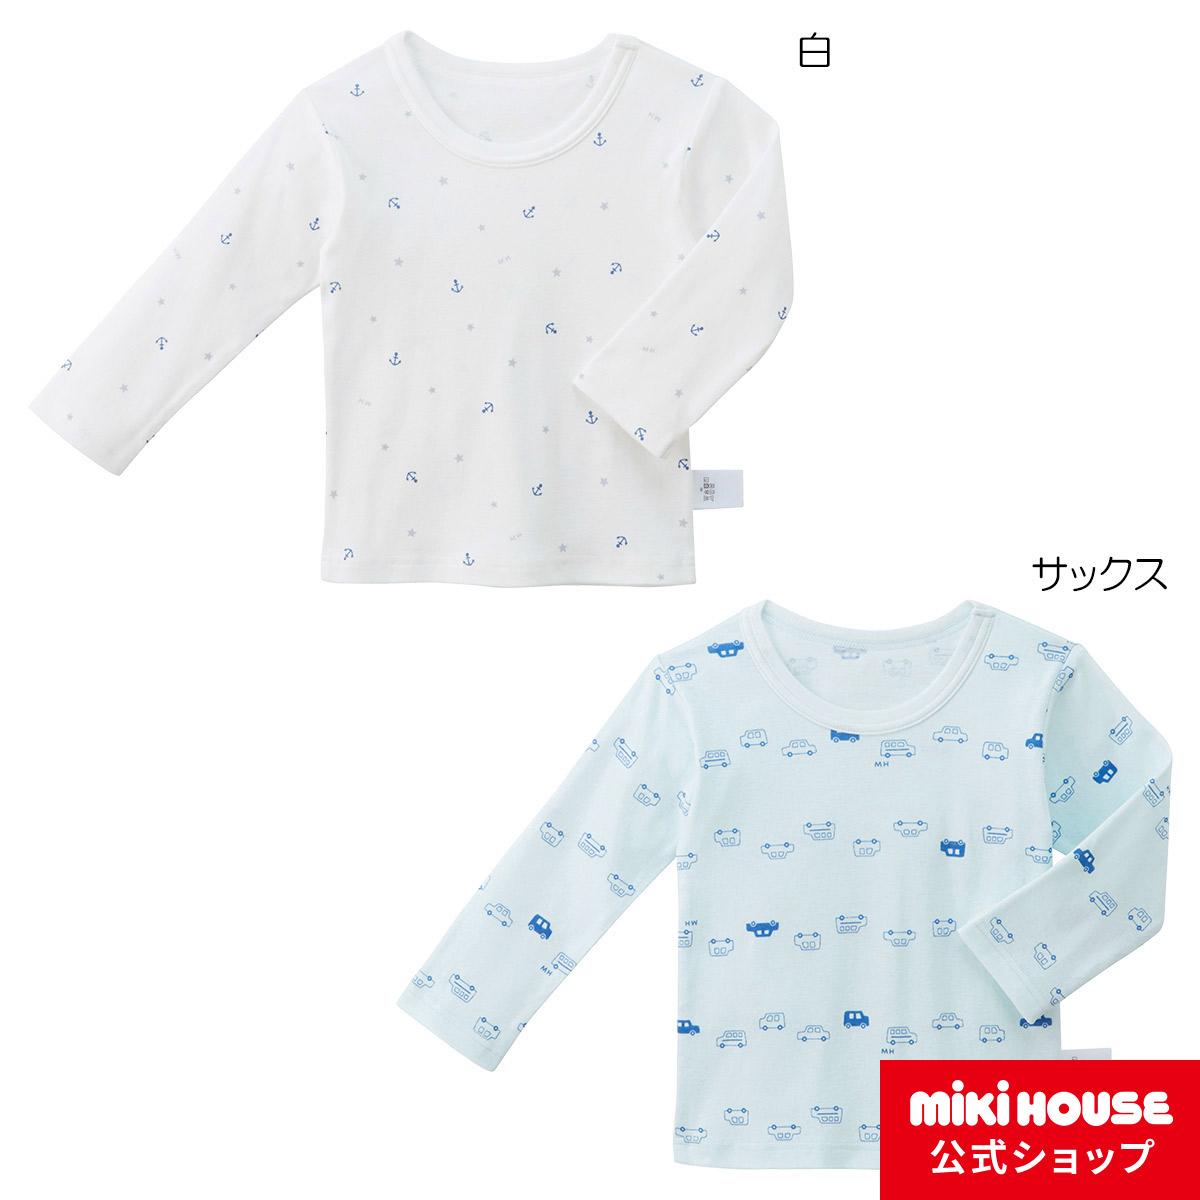 ミキハウス イカリ&車 長袖Tシャツ(80cm-130cm)